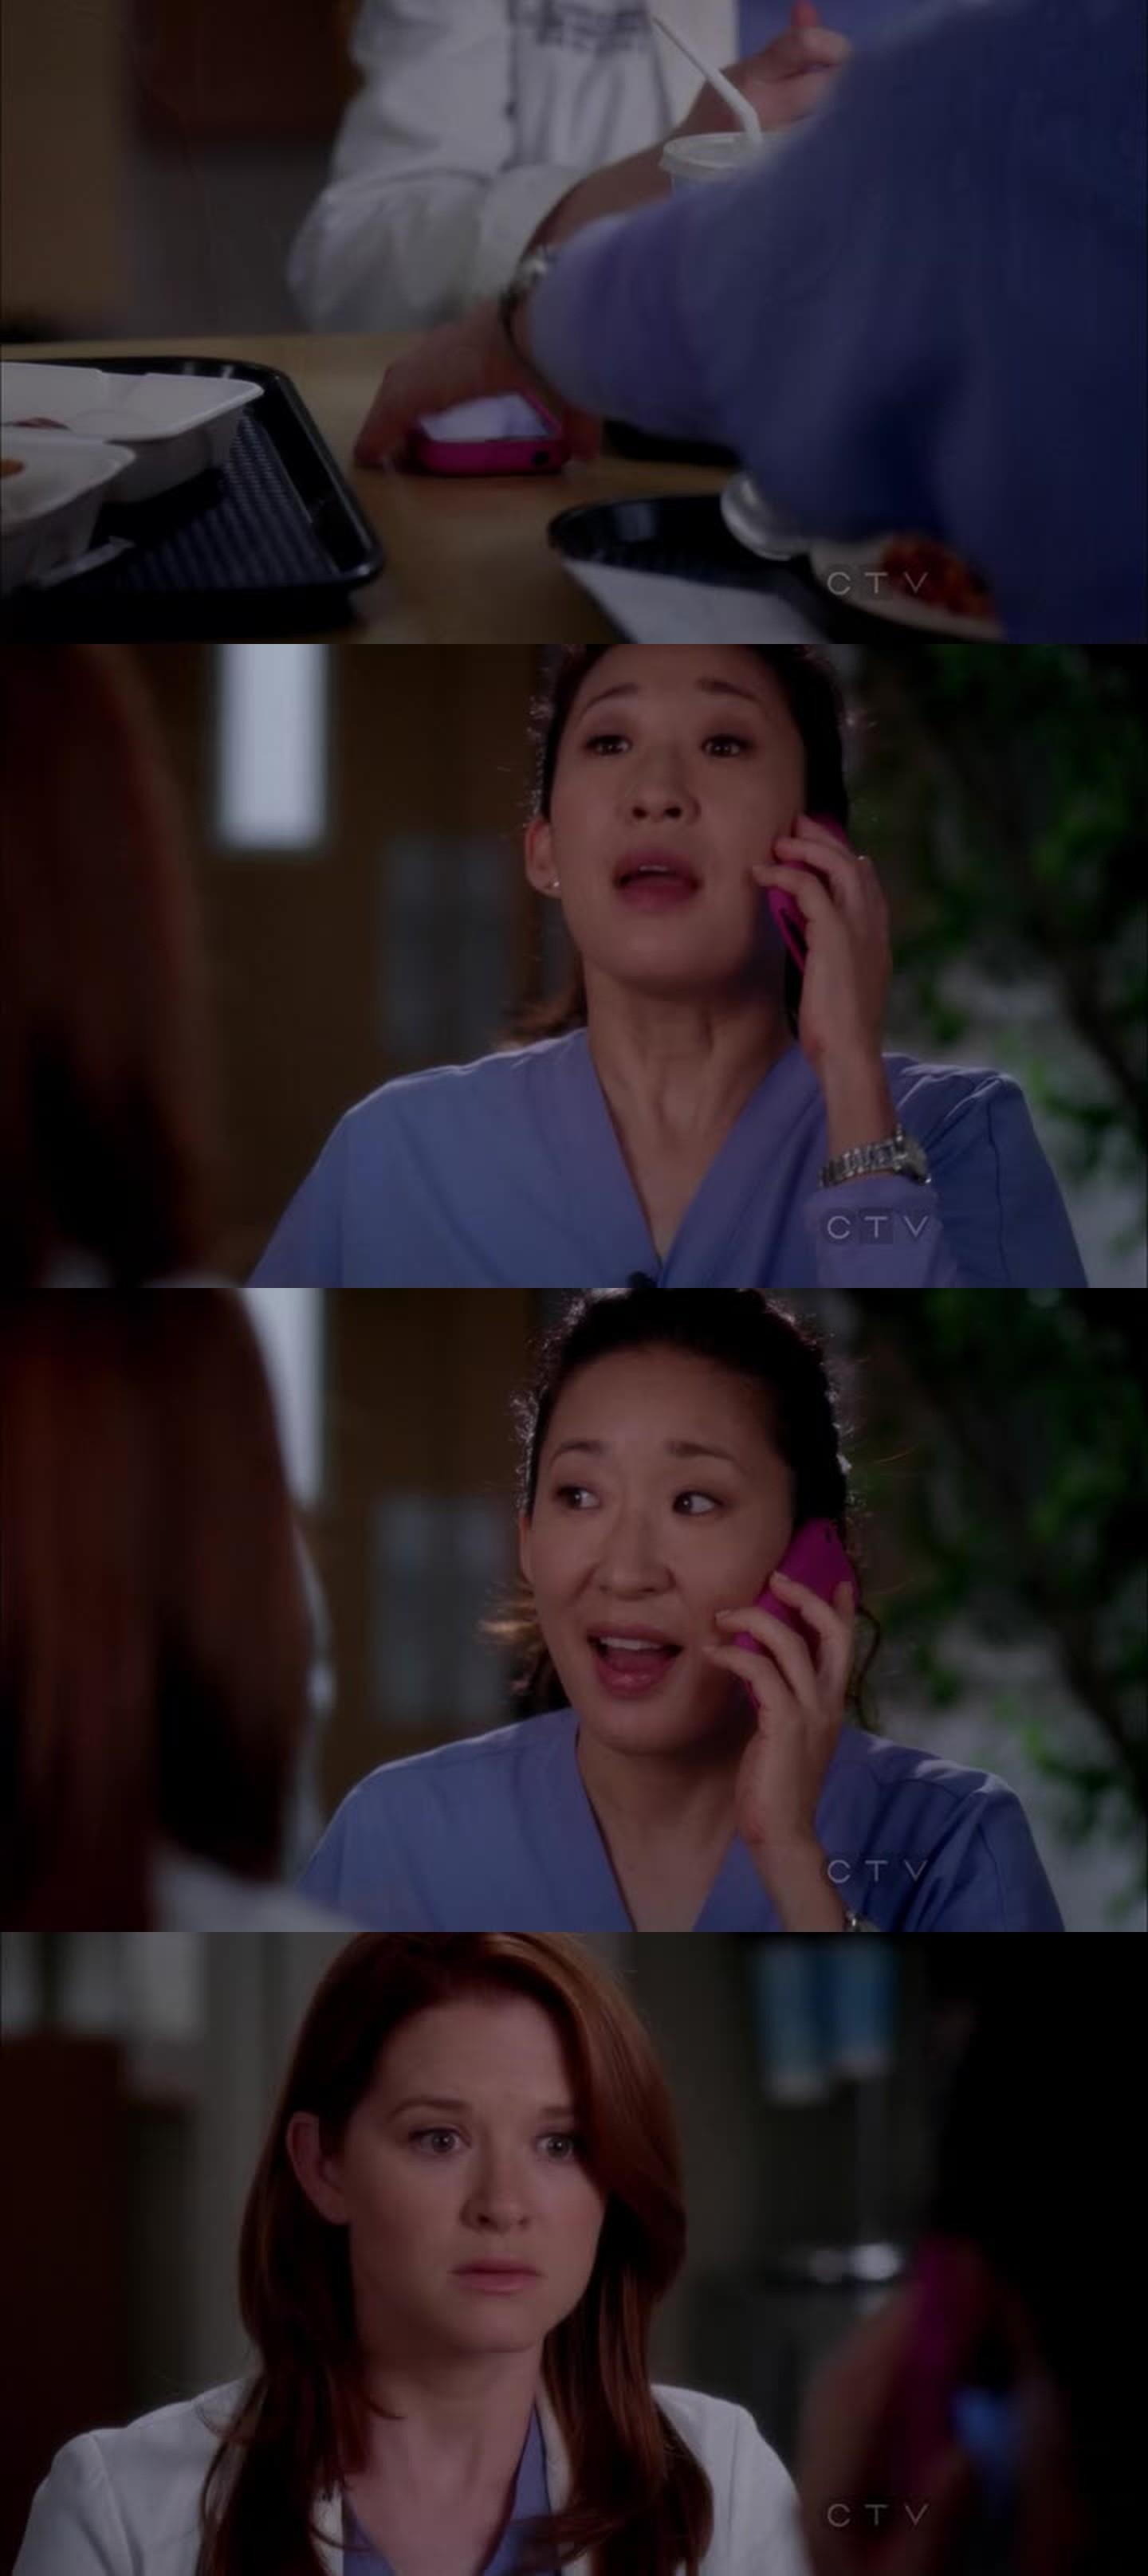 Ahahahahah Cristina imitating April was amazing!